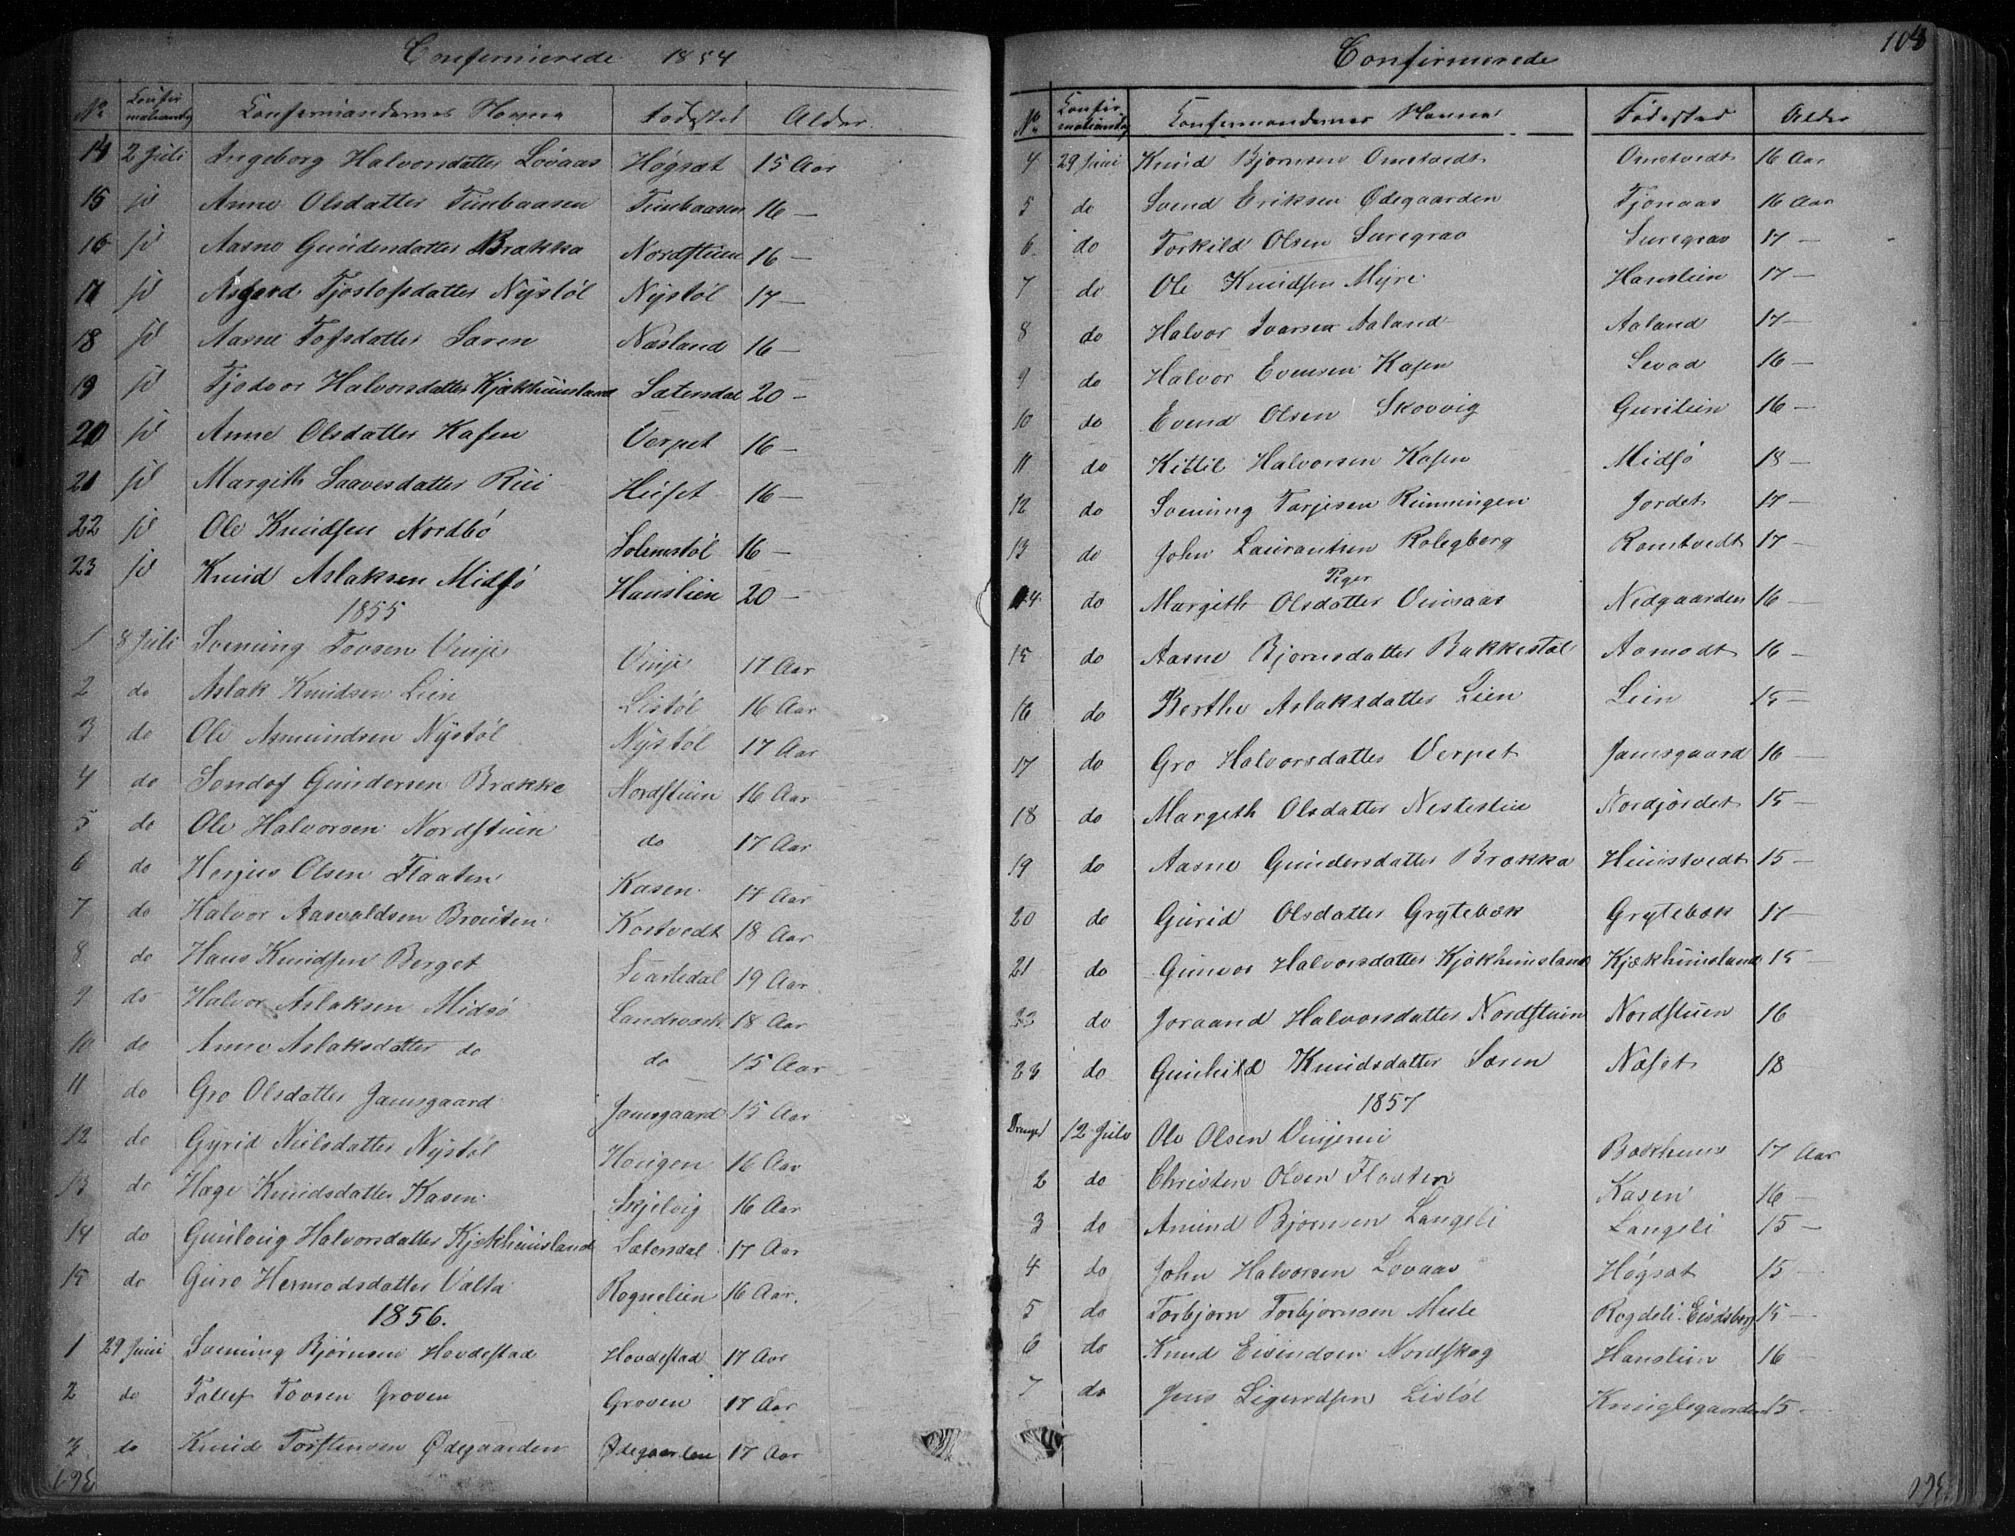 SAKO, Vinje kirkebøker, G/Ga/L0002: Klokkerbok nr. I 2, 1849-1893, s. 104